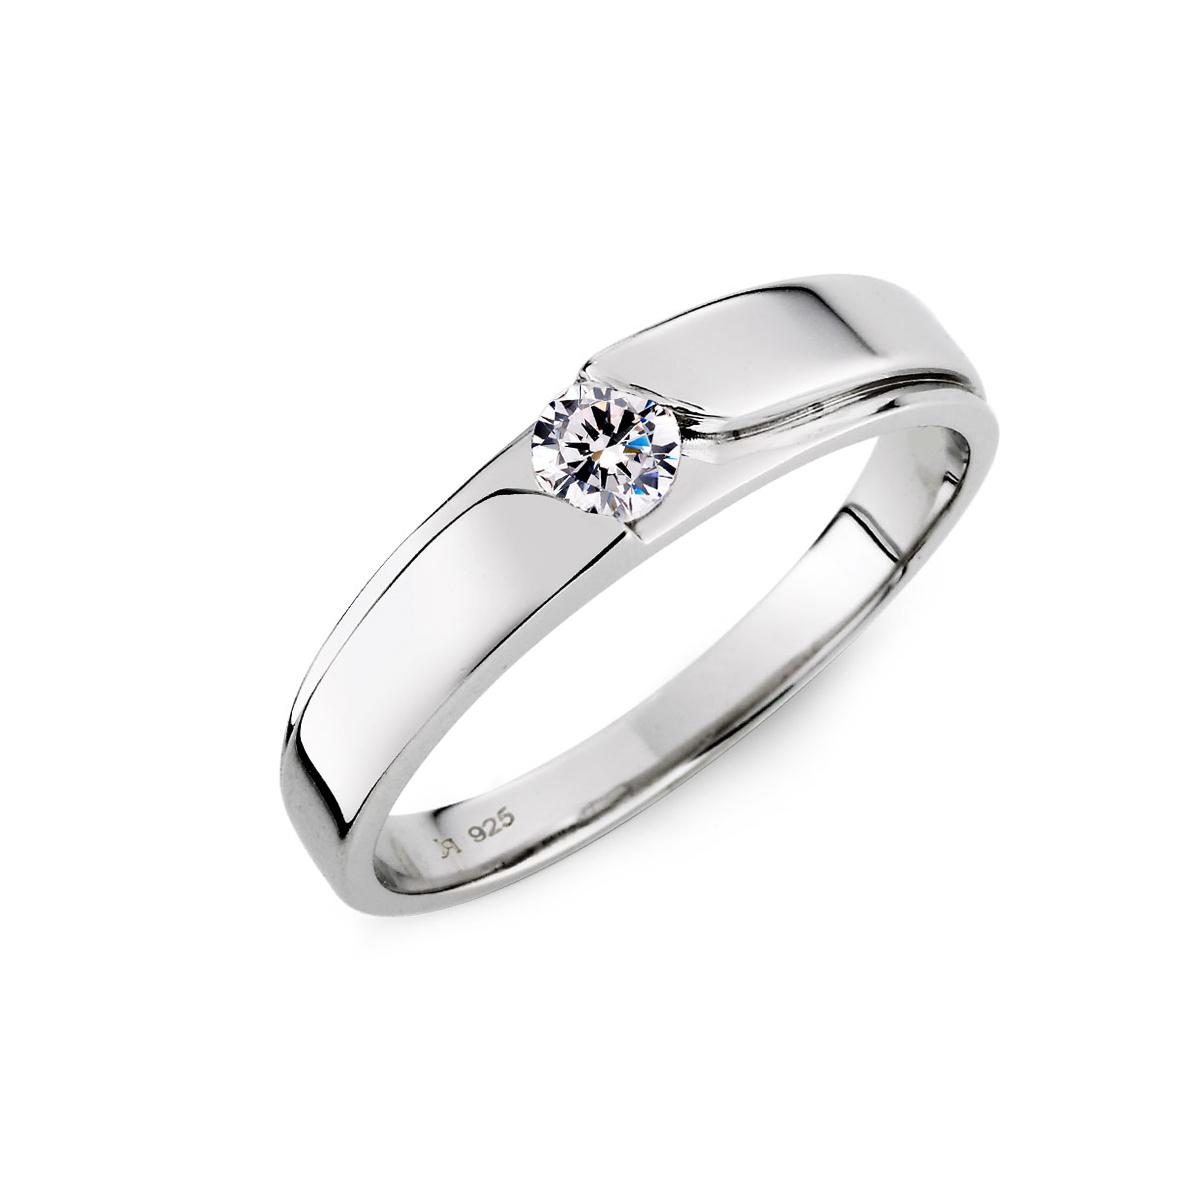 KSM39 因你而在單鑽男生戒指